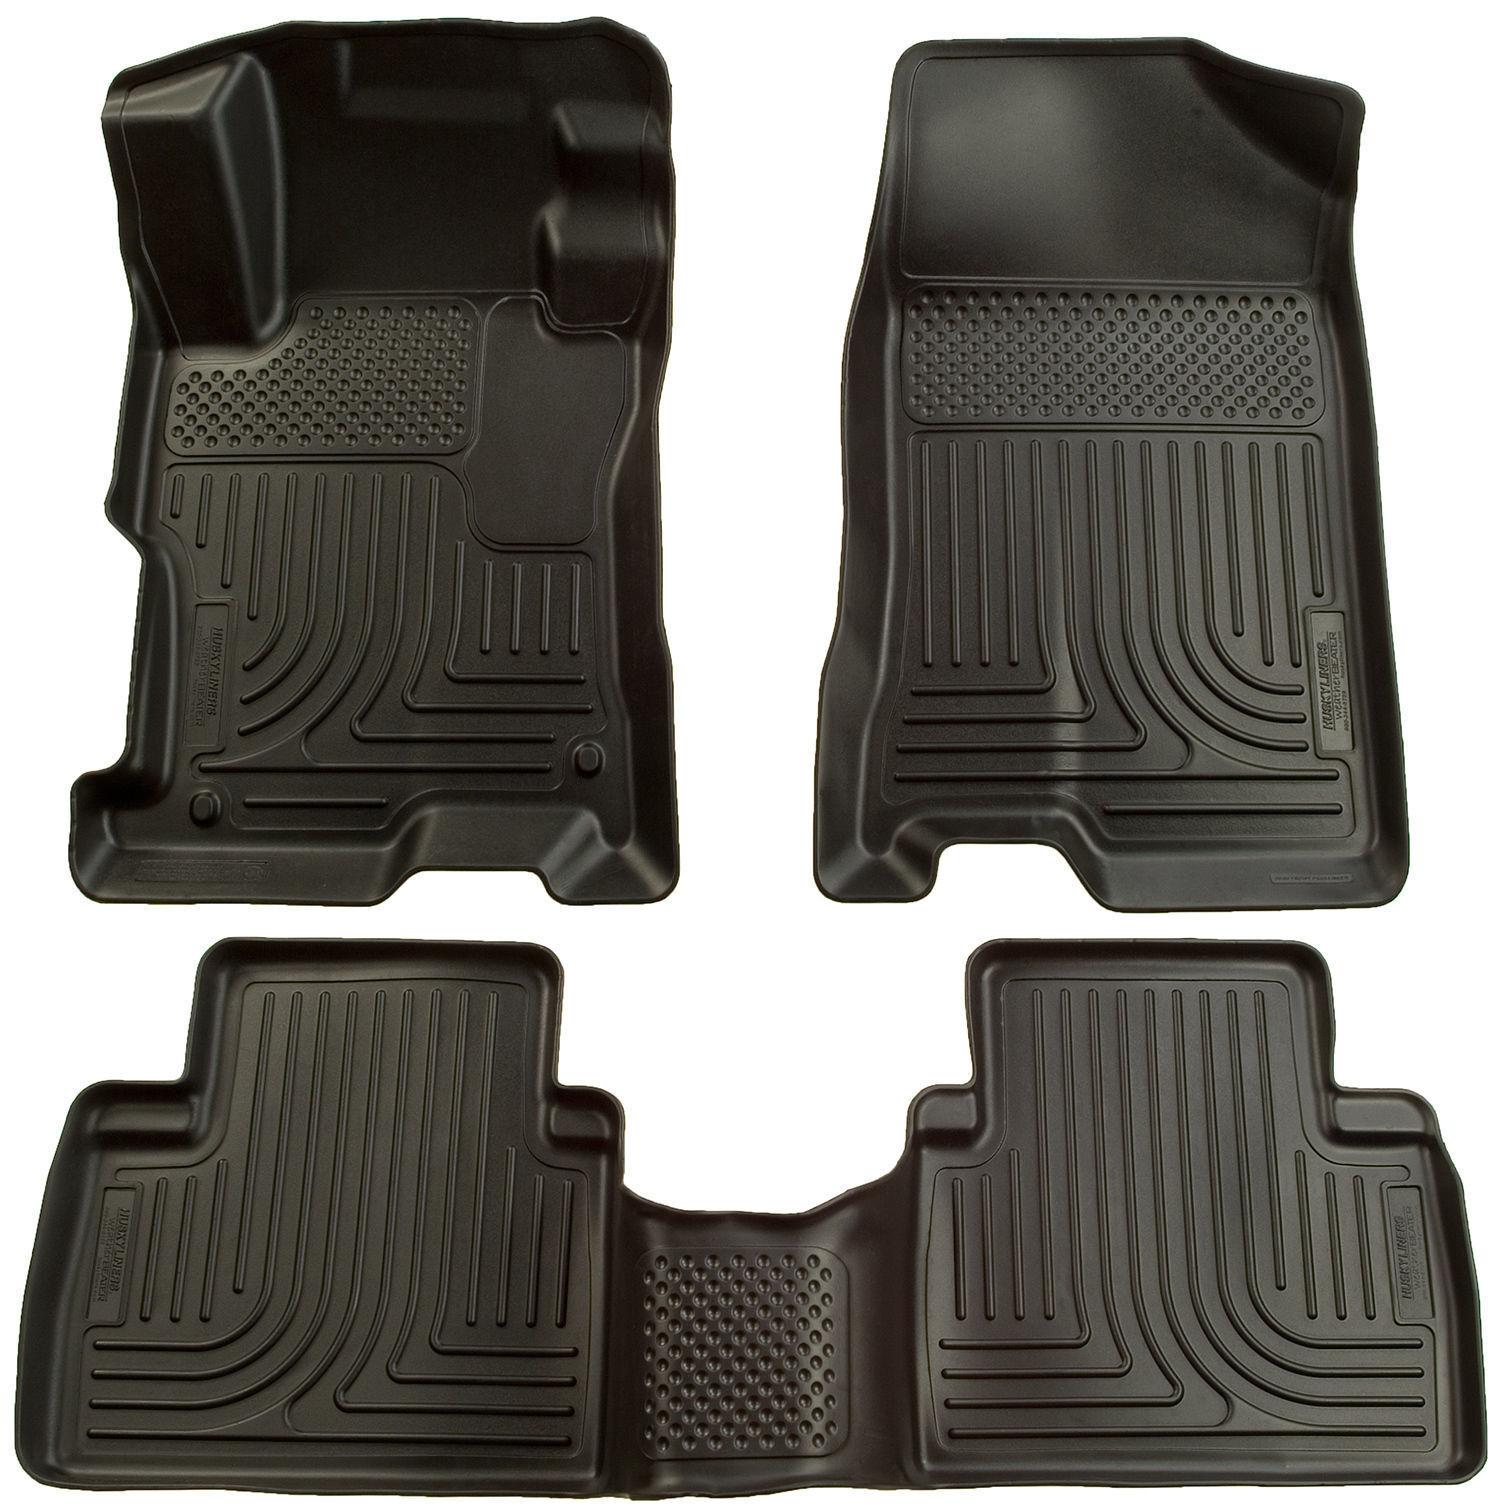 Rubber floor mats 2011 jeep grand cherokee - All Weather Floor Mats